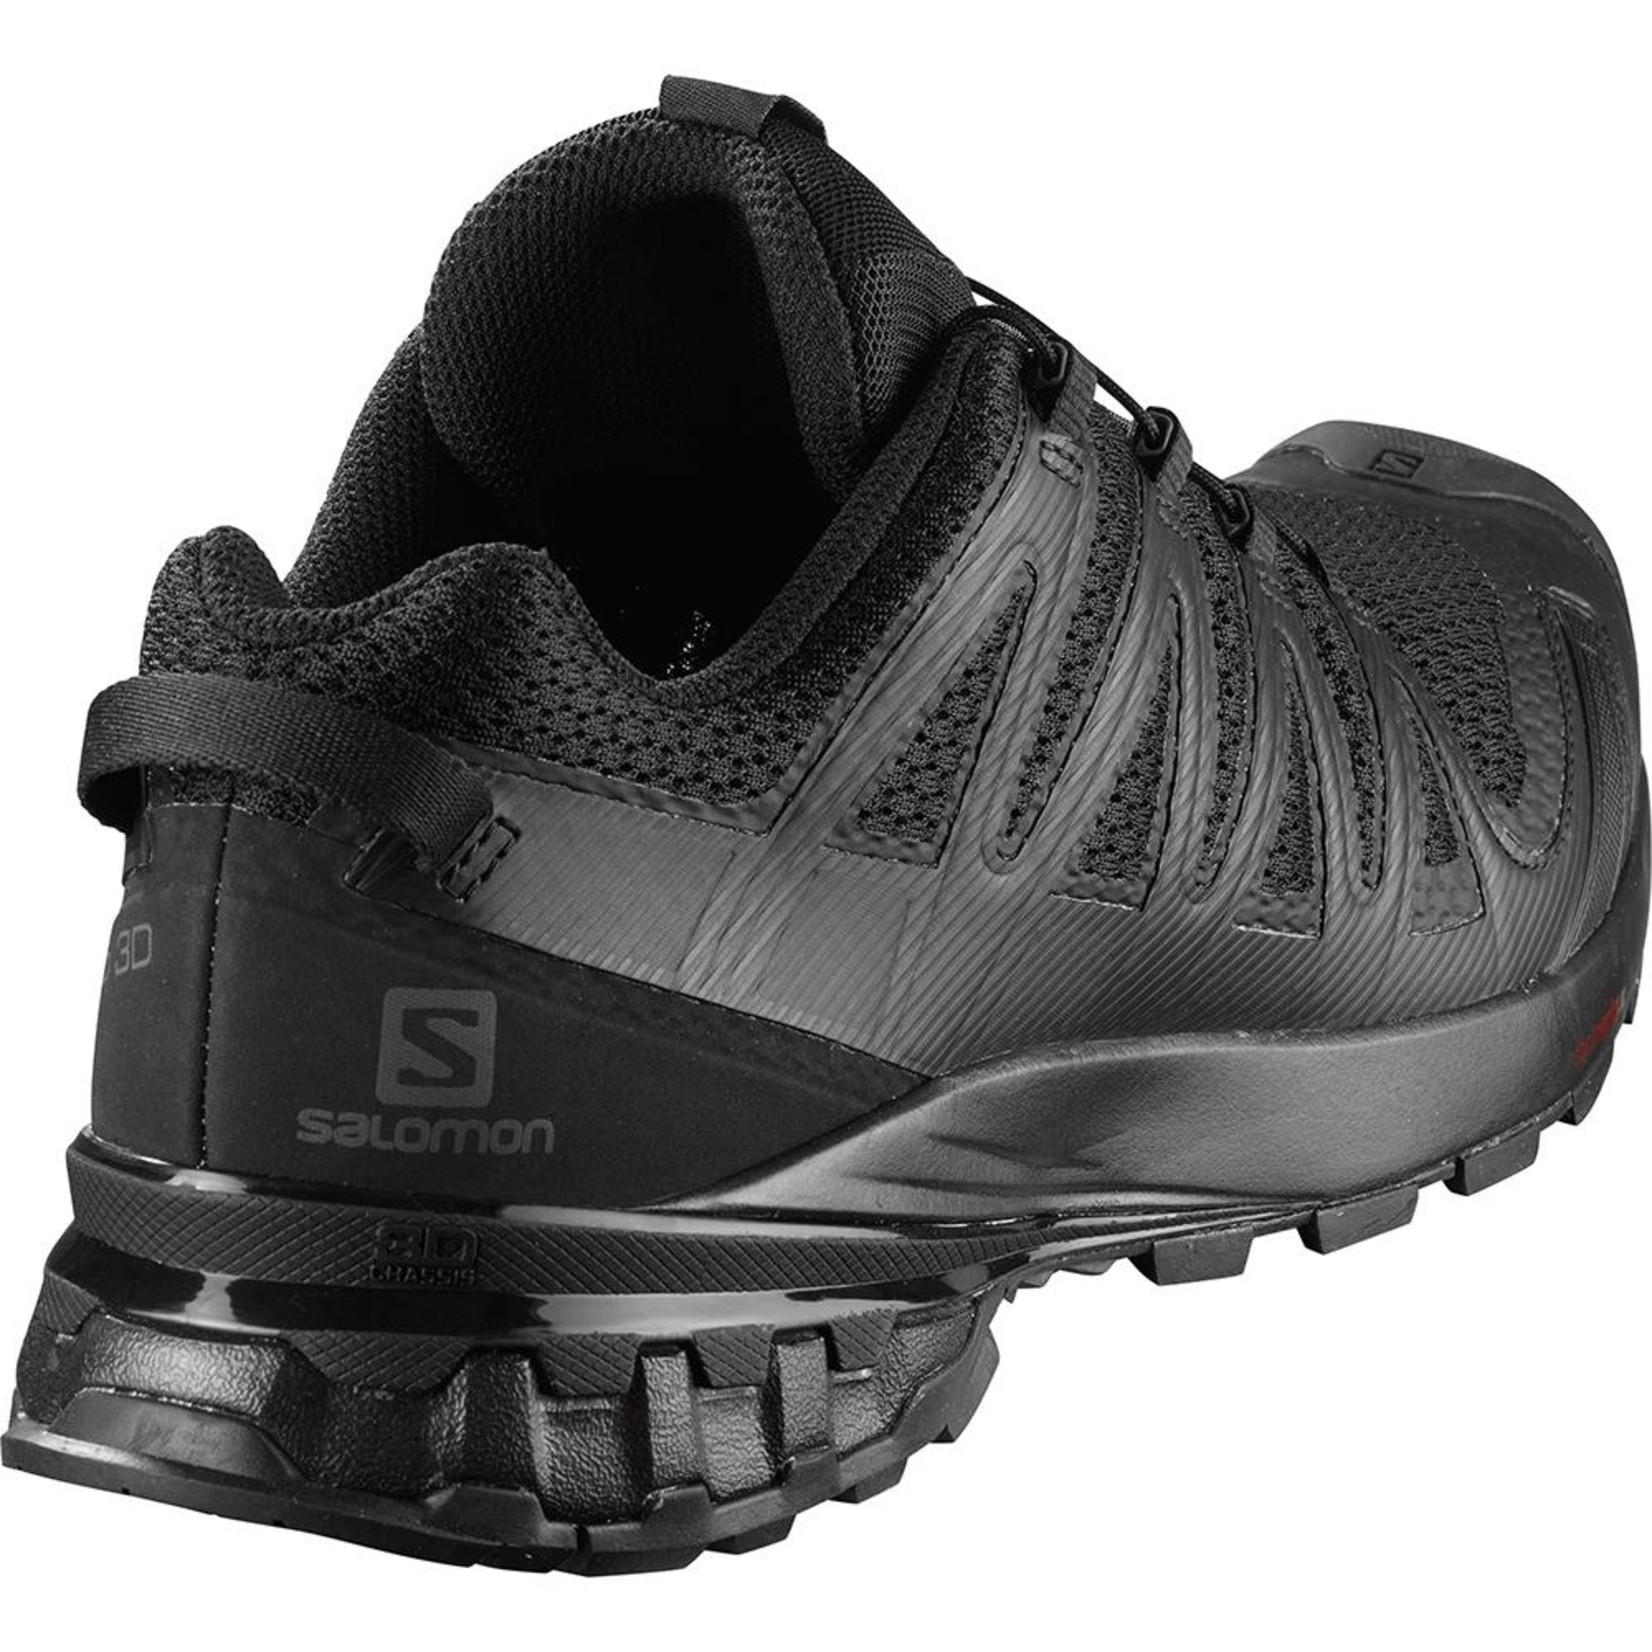 Salomon Salomon Men's XA Pro 3D V8 Running Shoe - Black 409874